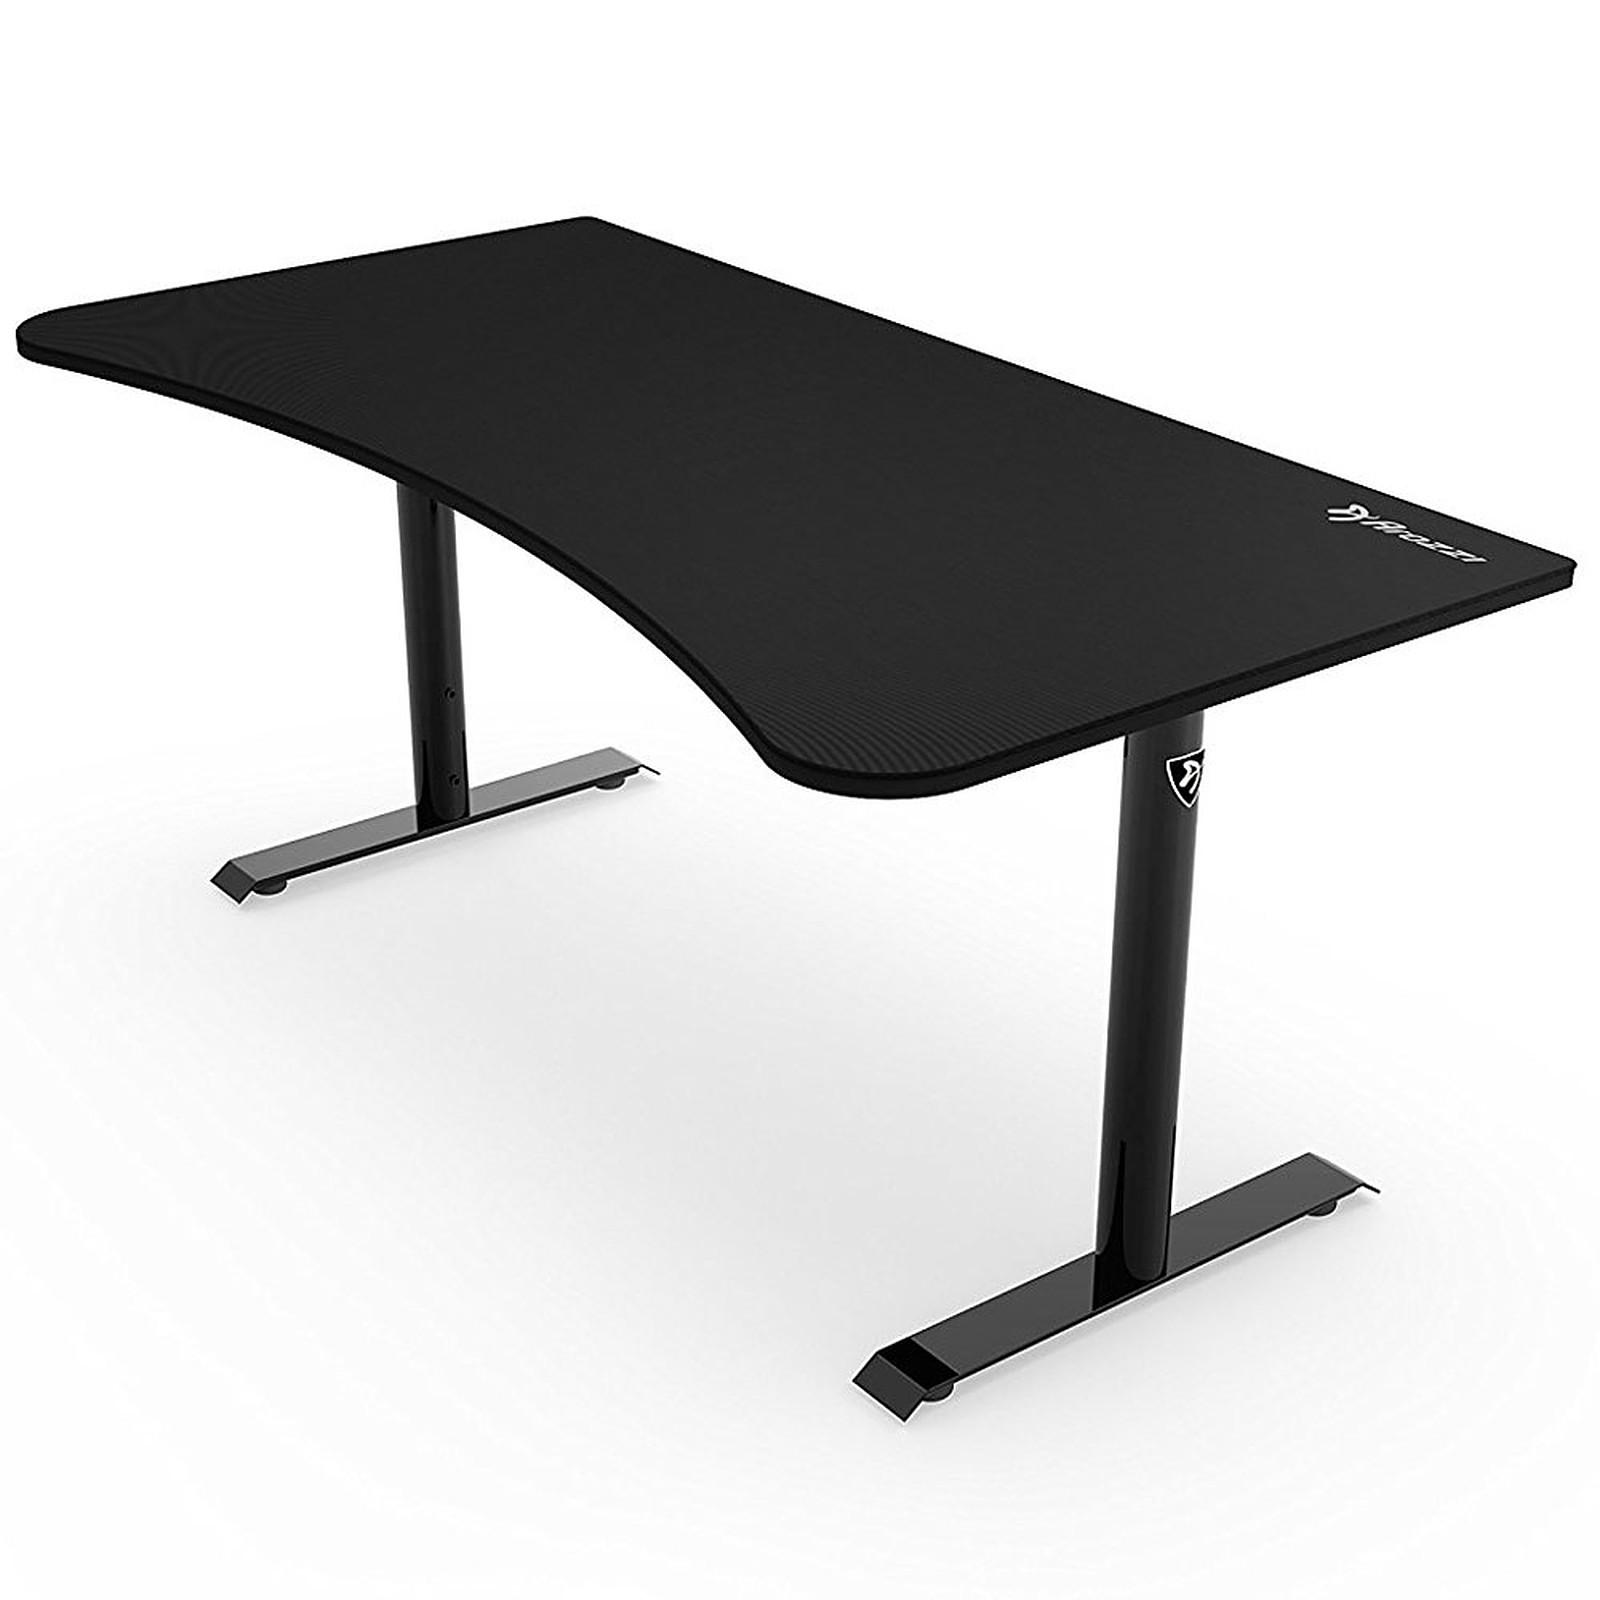 Arozzi arena noir meuble ordinateur arozzi sur - Meuble ordinateur ...